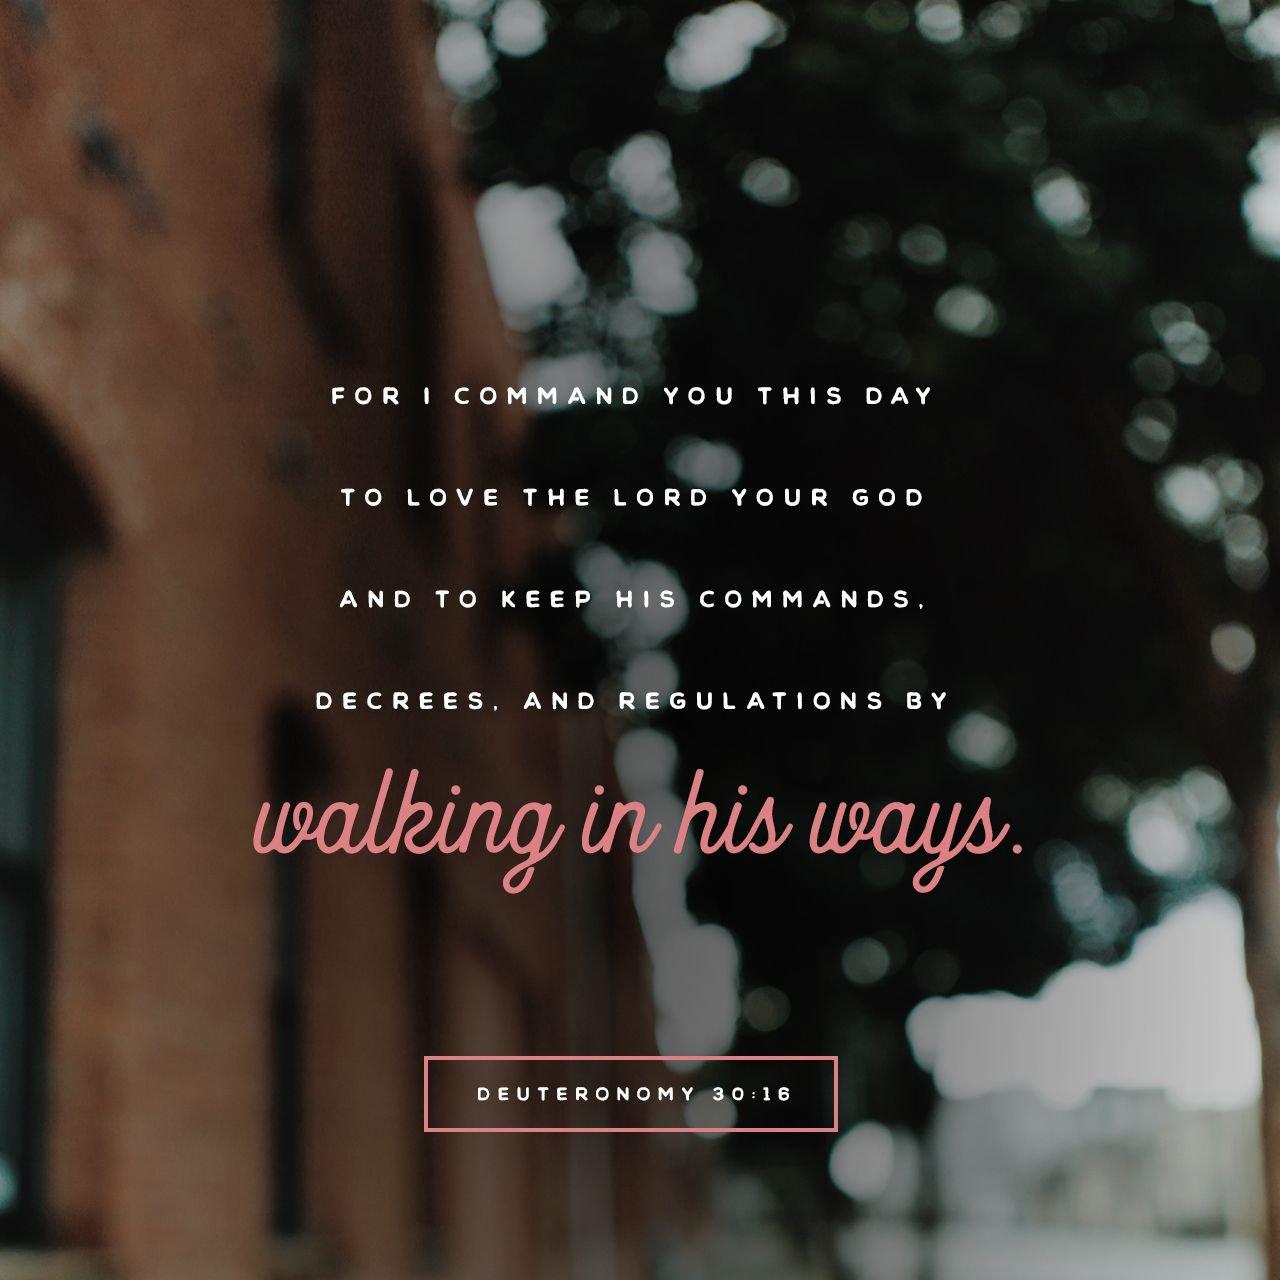 Deuteronomy 30:16